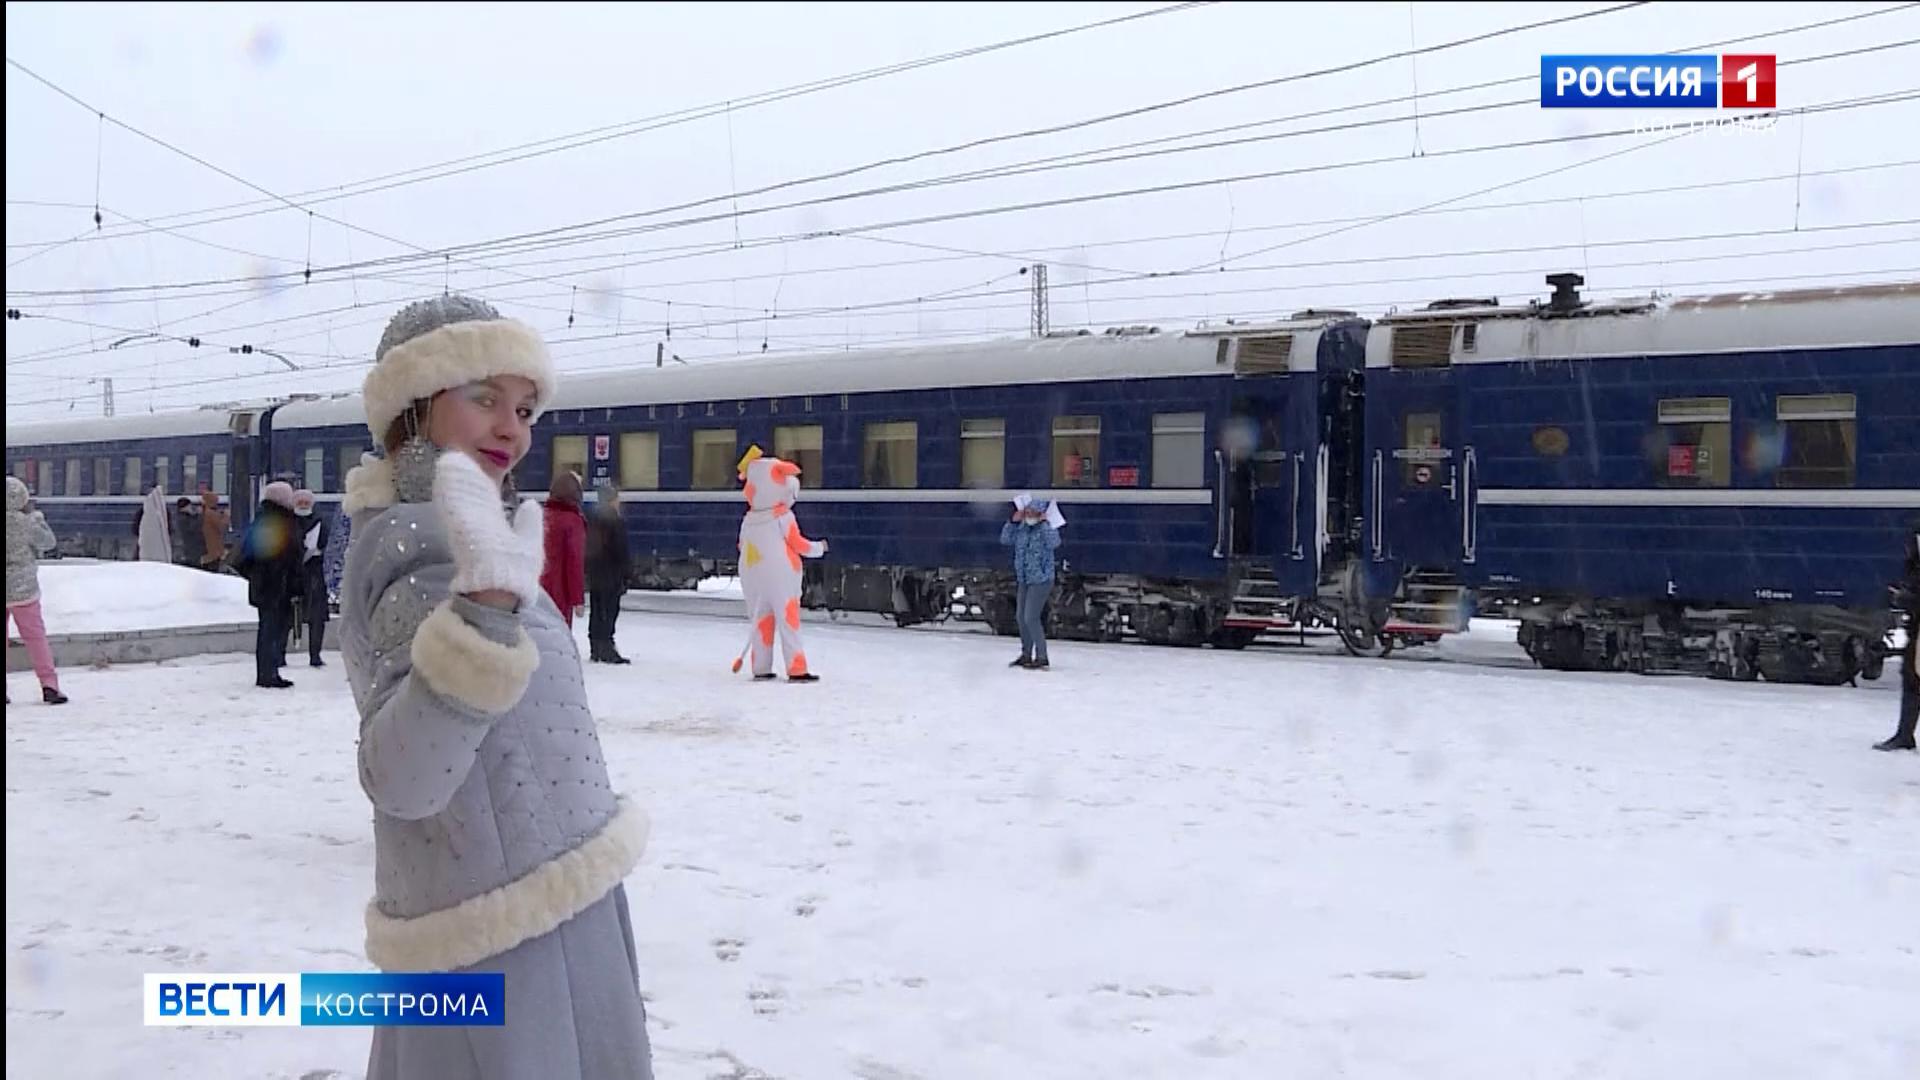 ГТРК «Кострома» заглянула внутрь нового туристического поезда